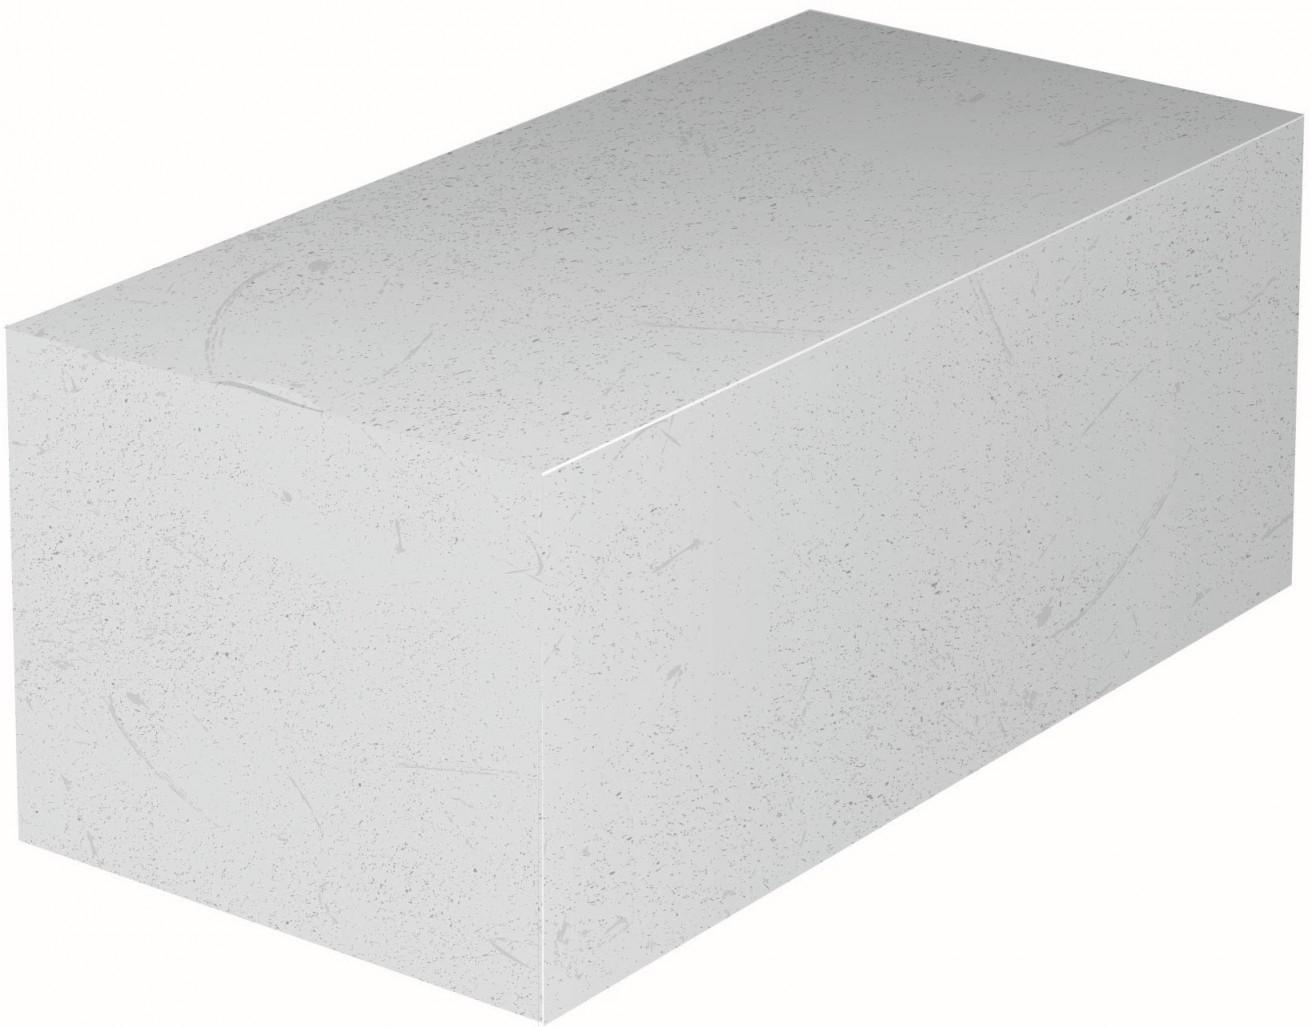 Bonolit D500, 600х200х400 мм, Блок газобетонный фото